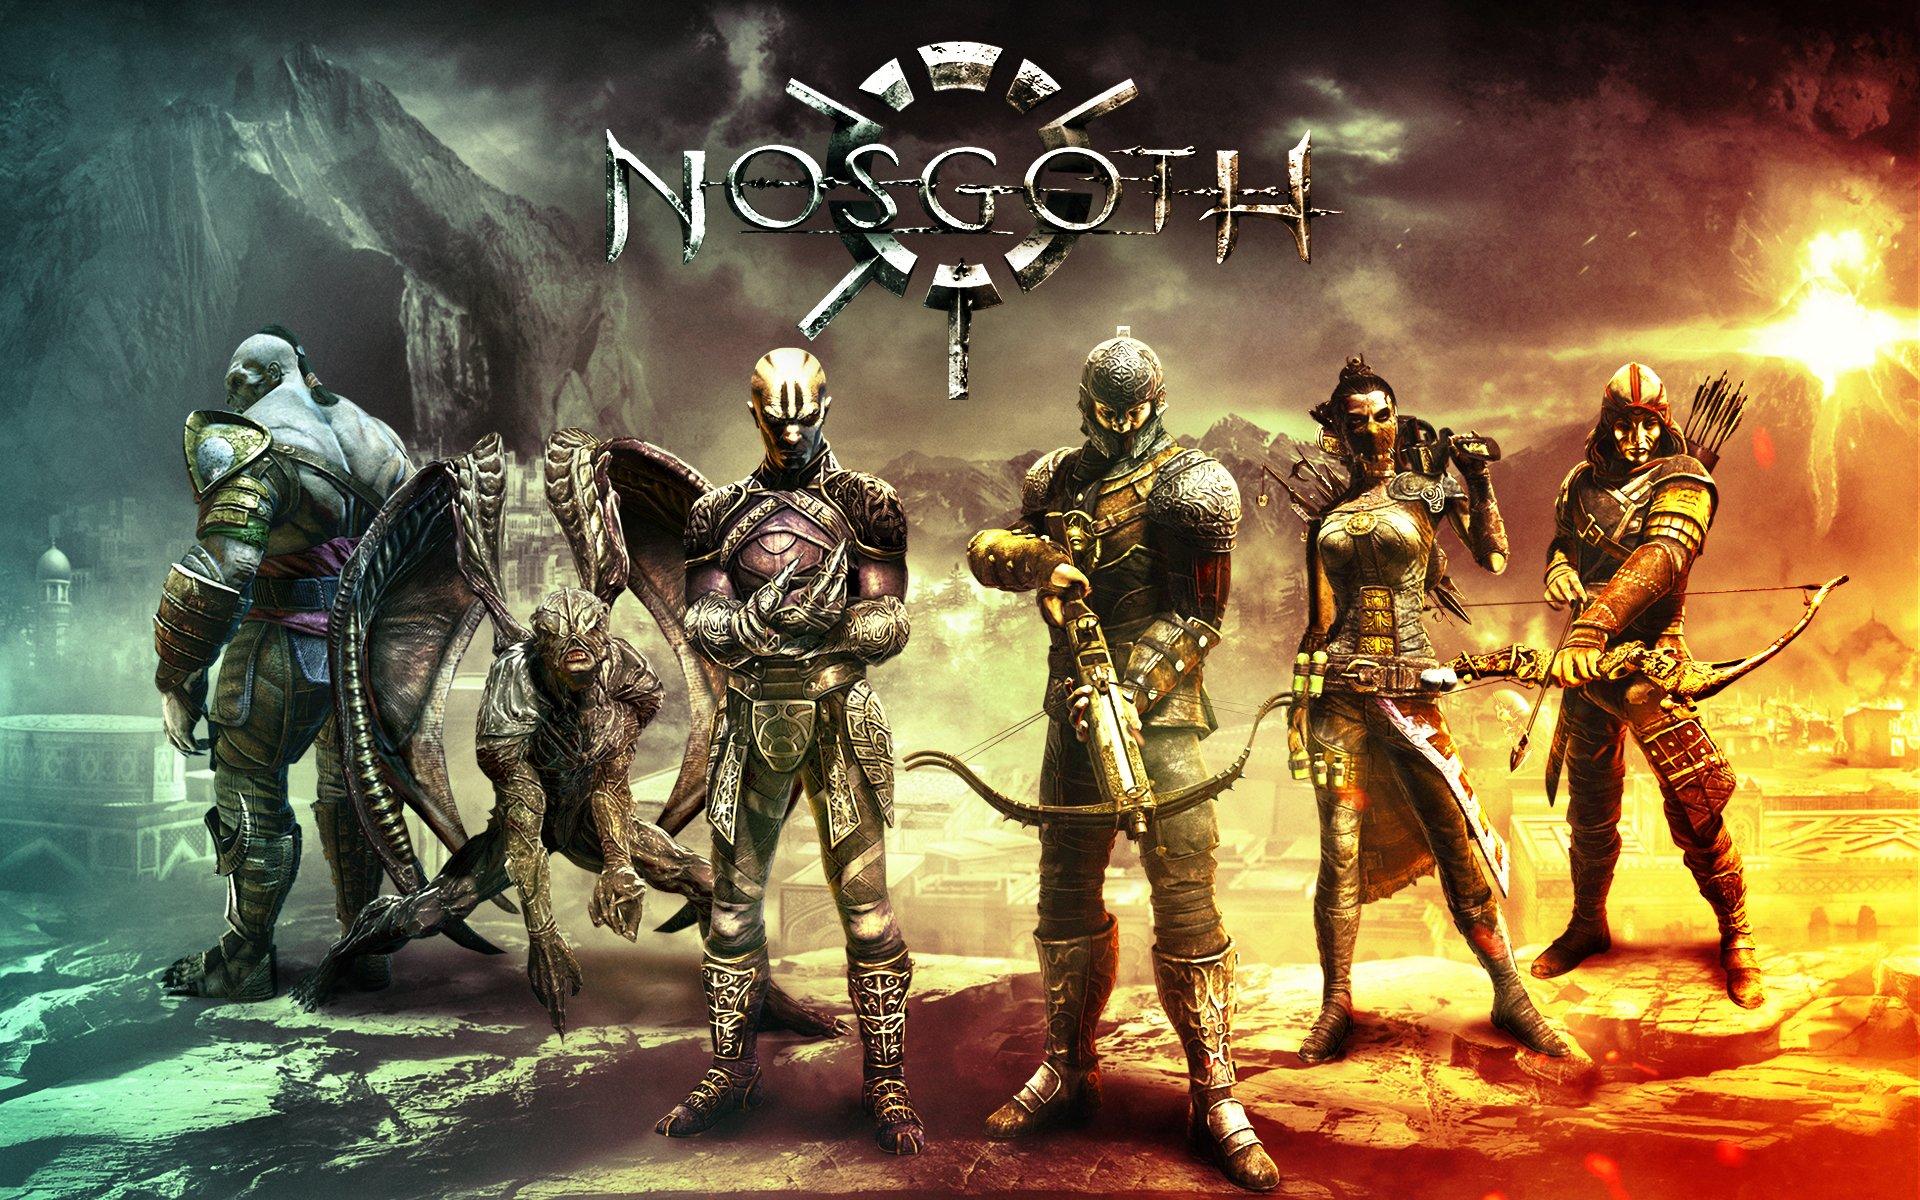 Бесплатная раздача ключей для Nosgoth в Steam - Изображение 1